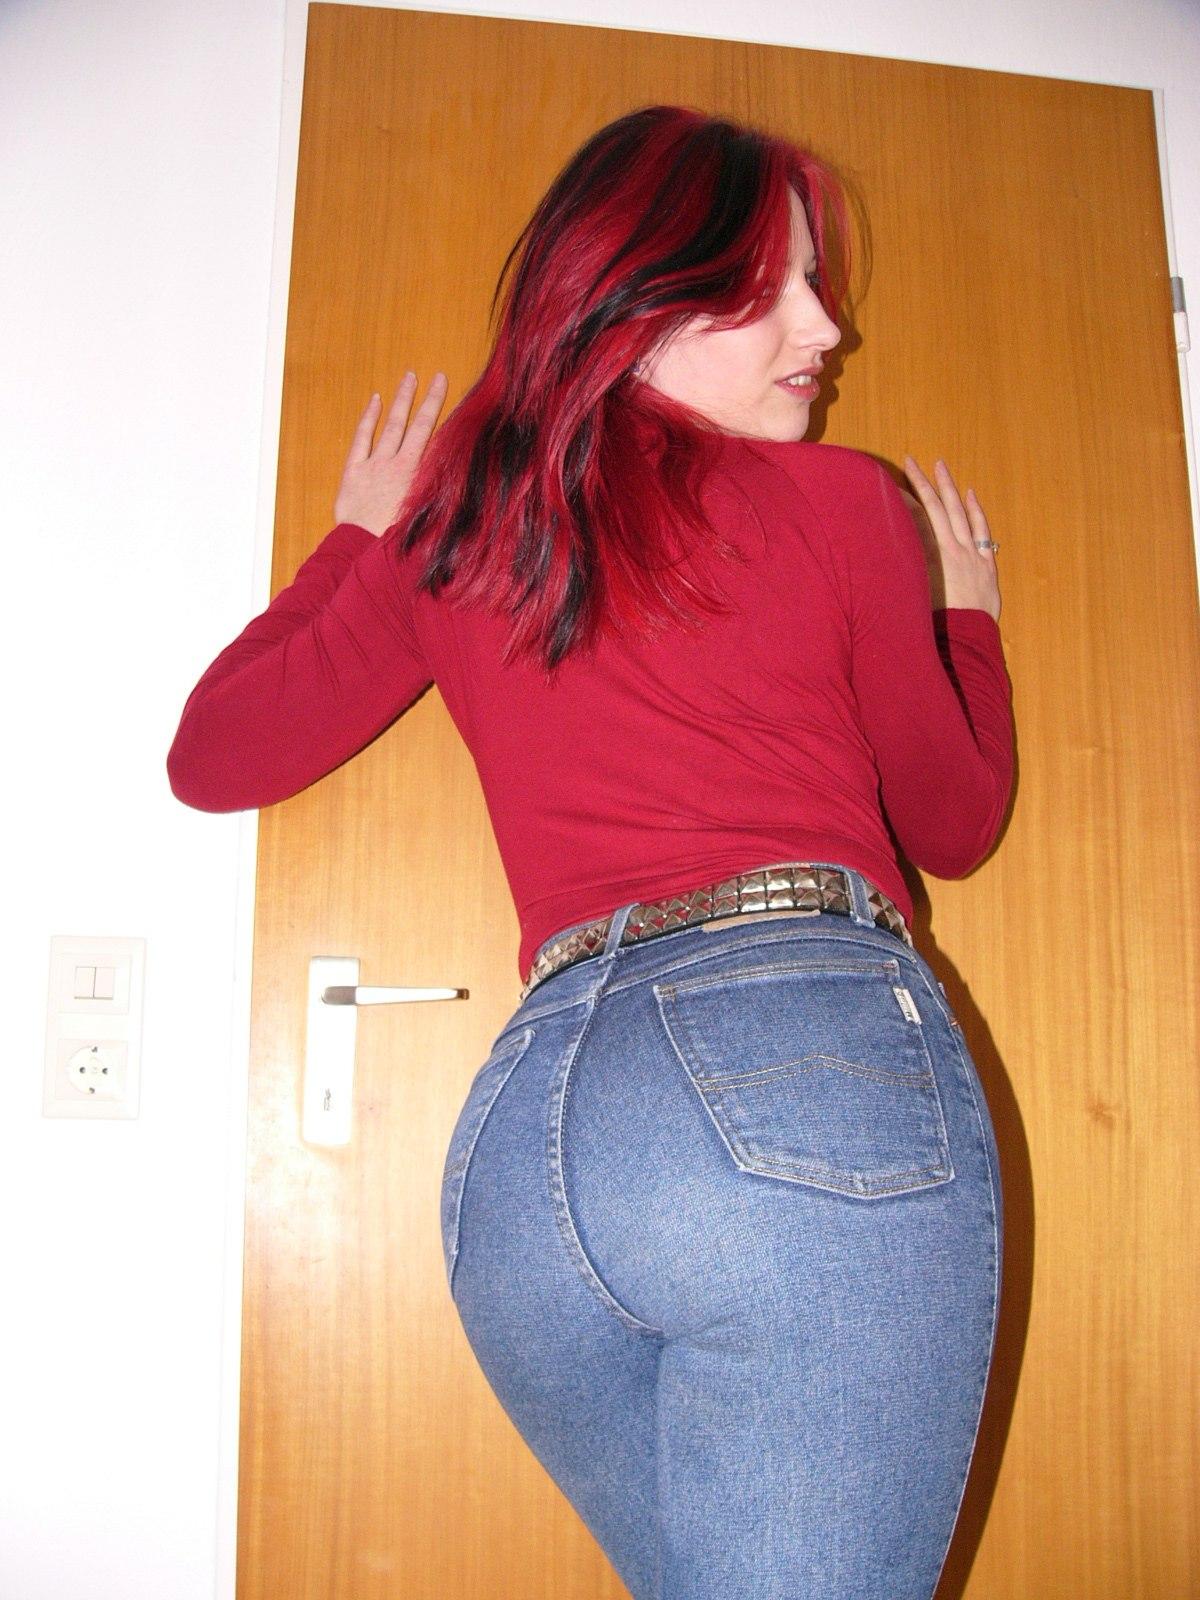 Big ass tight pants